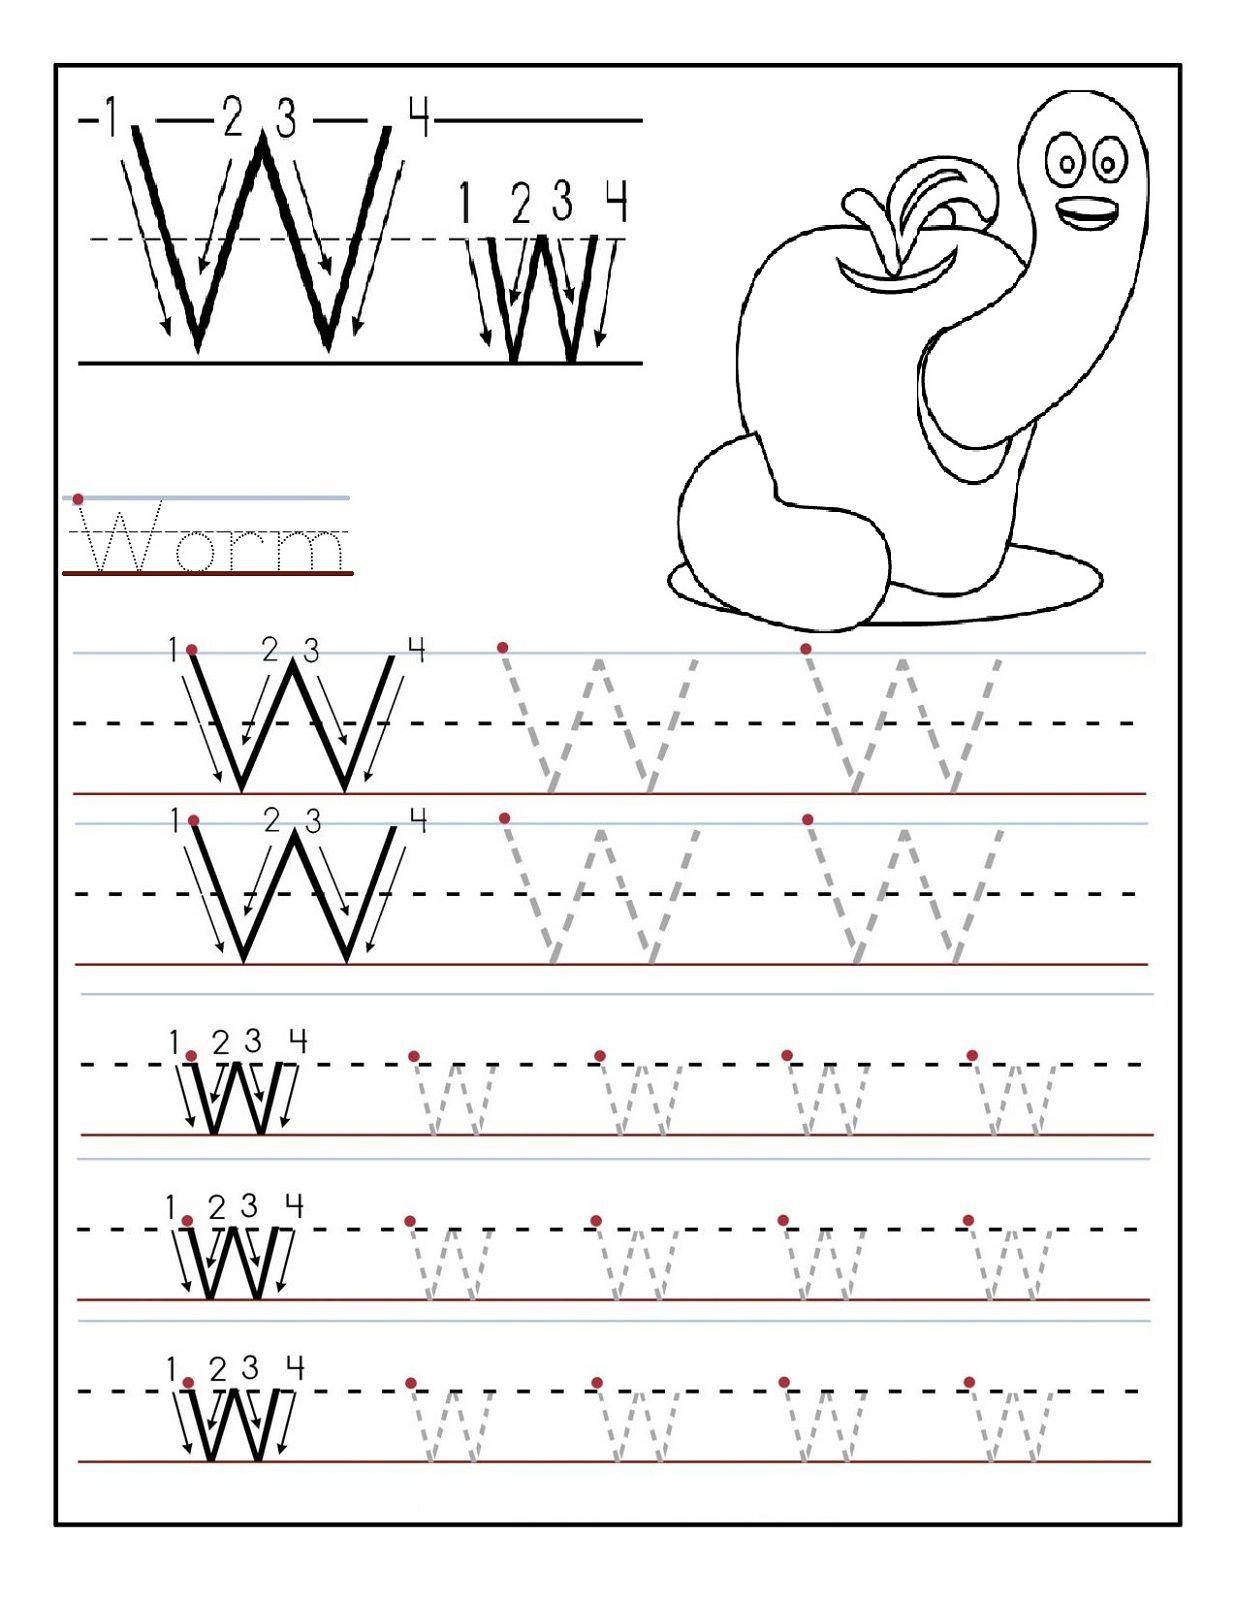 2 Printable Letter Worksheets X Y Preschool Printables Letter W For Stud Tracing Worksheets Preschool Alphabet Worksheets Preschool Writing Practice Worksheets Tracing letter w worksheets for